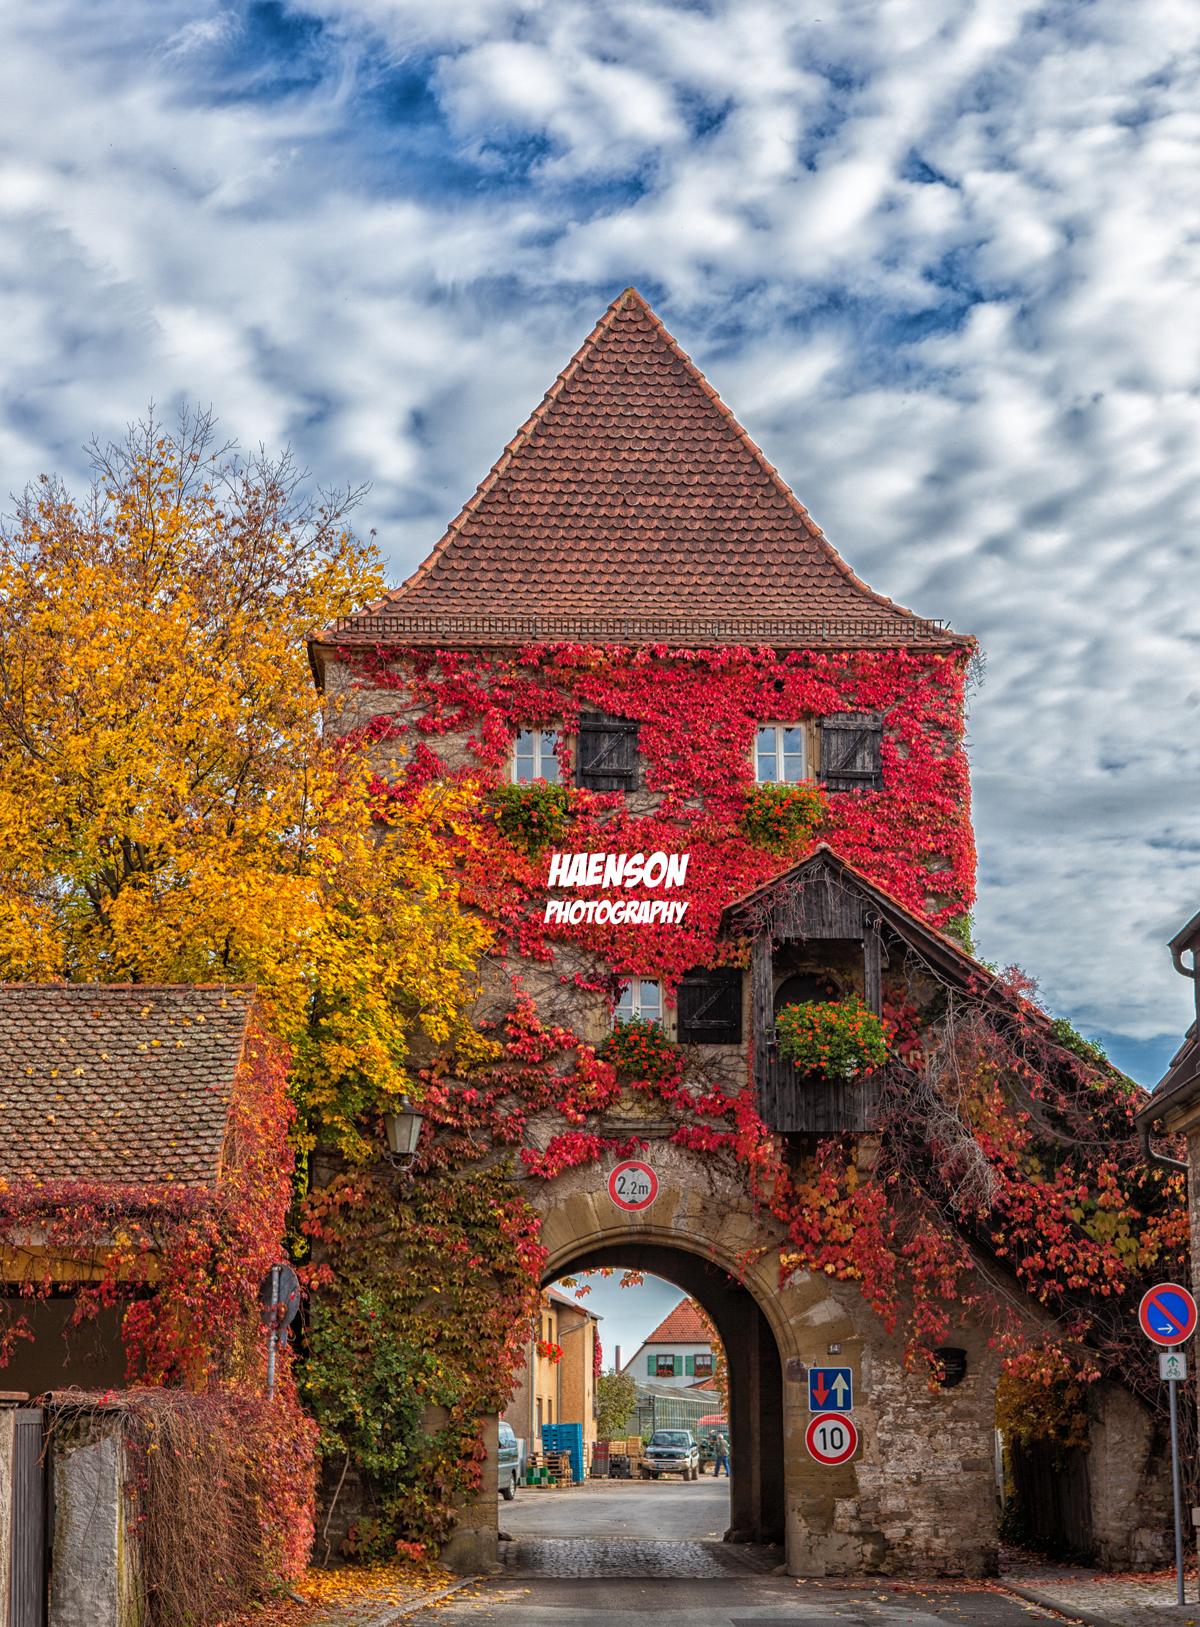 38---2013-10-22---Bartelsturm-Etwashausen